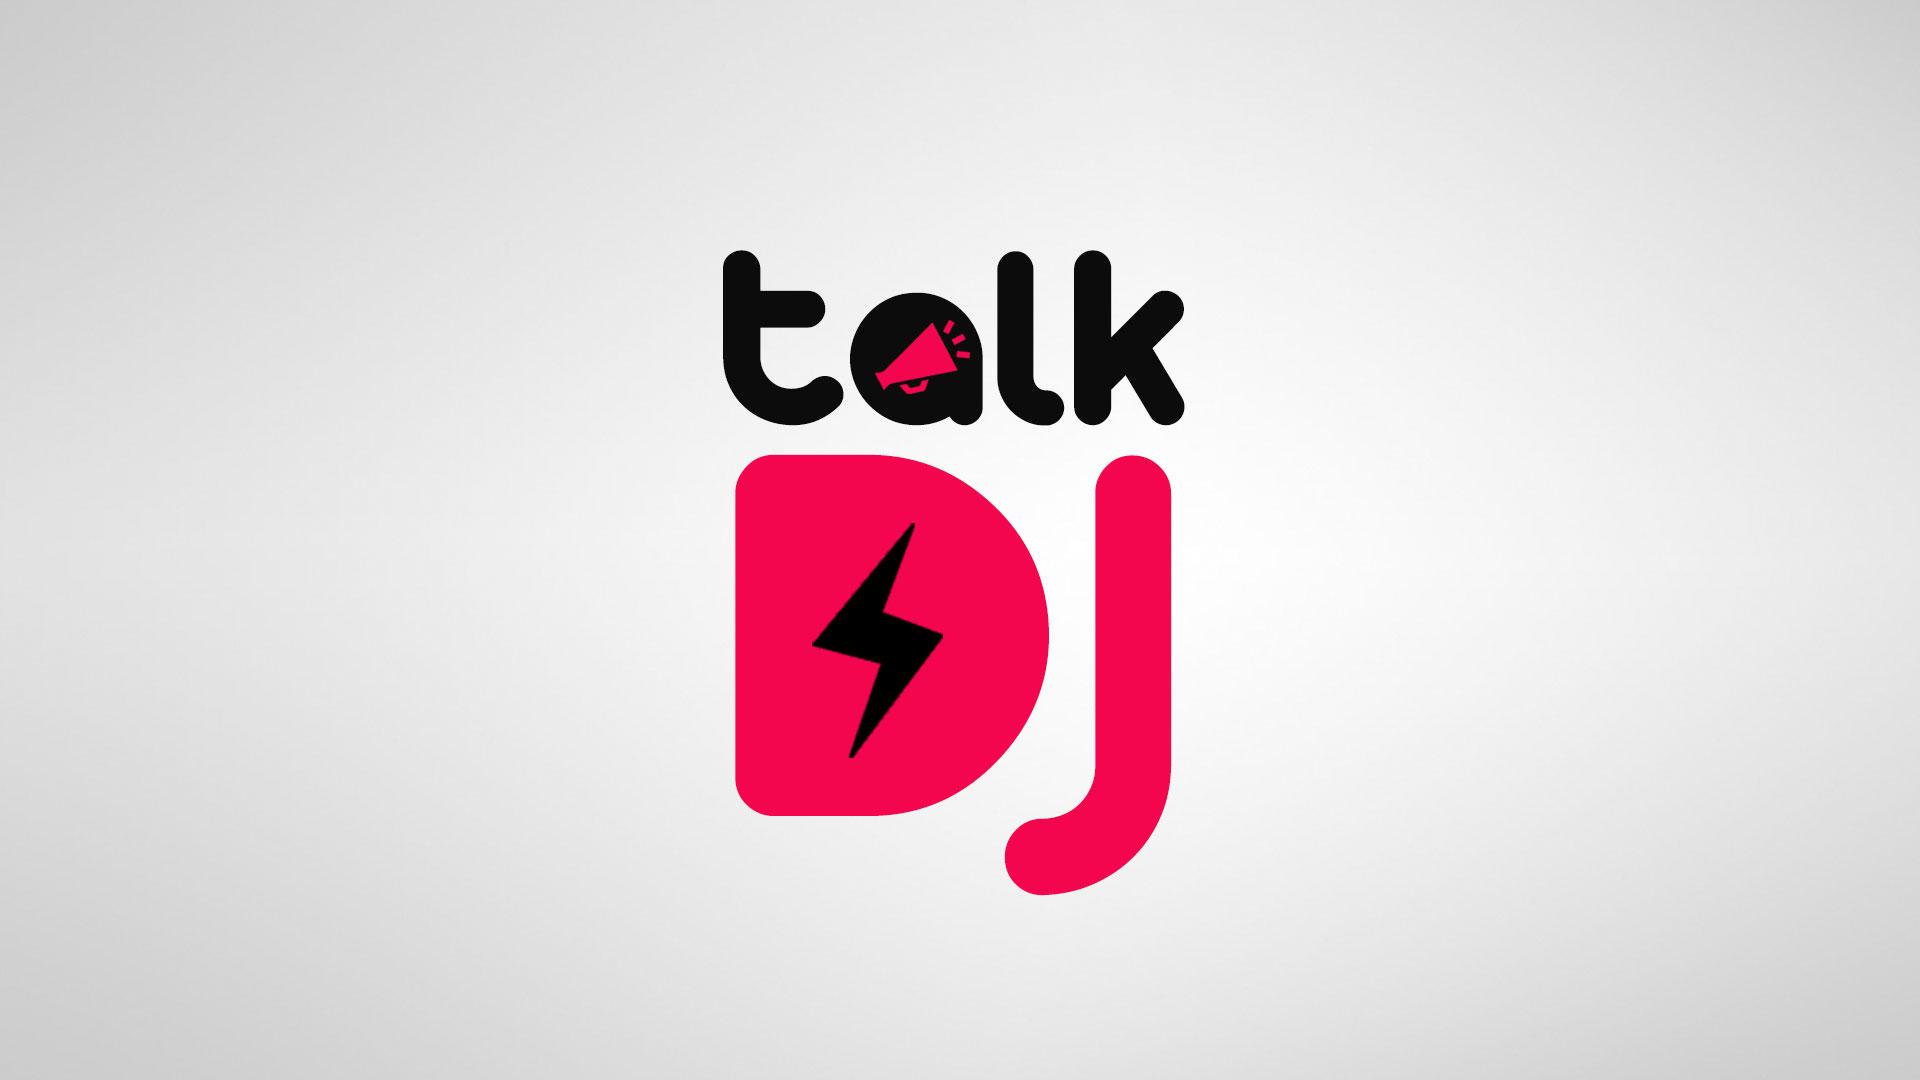 Antonio Eudi, Paulo Boghosian e Darick Gyorgy participam do Talk DJ, dia 17.11 Antonio Eudi, Ban TV, Darick Gyorgy, djban, Maysa Moura, Paulo Boghosian, Talk DJ